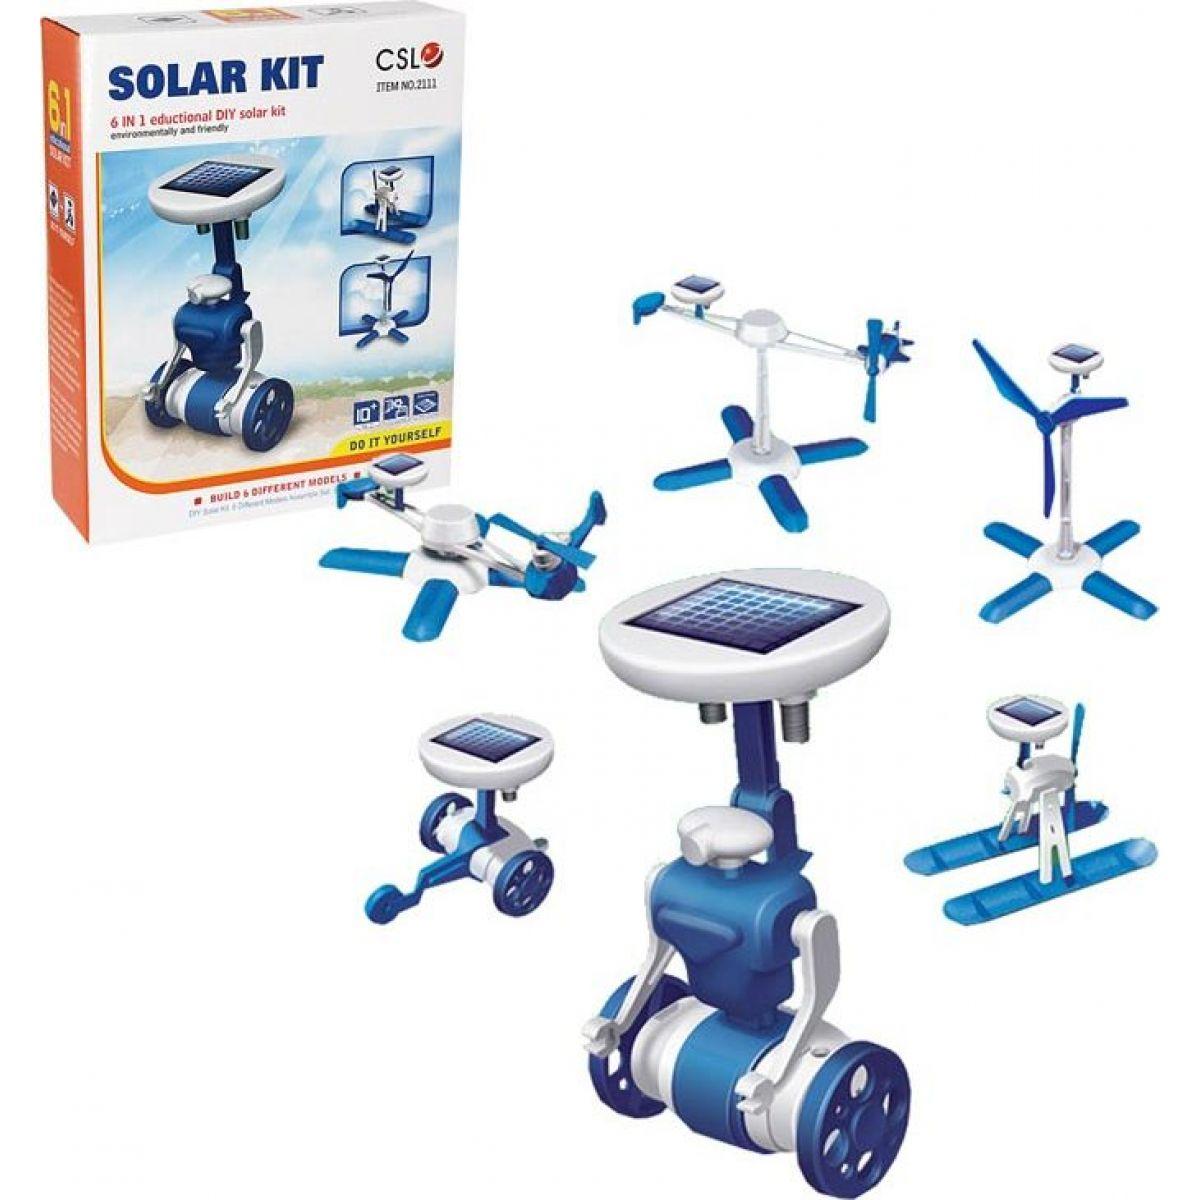 Solární set 6v1